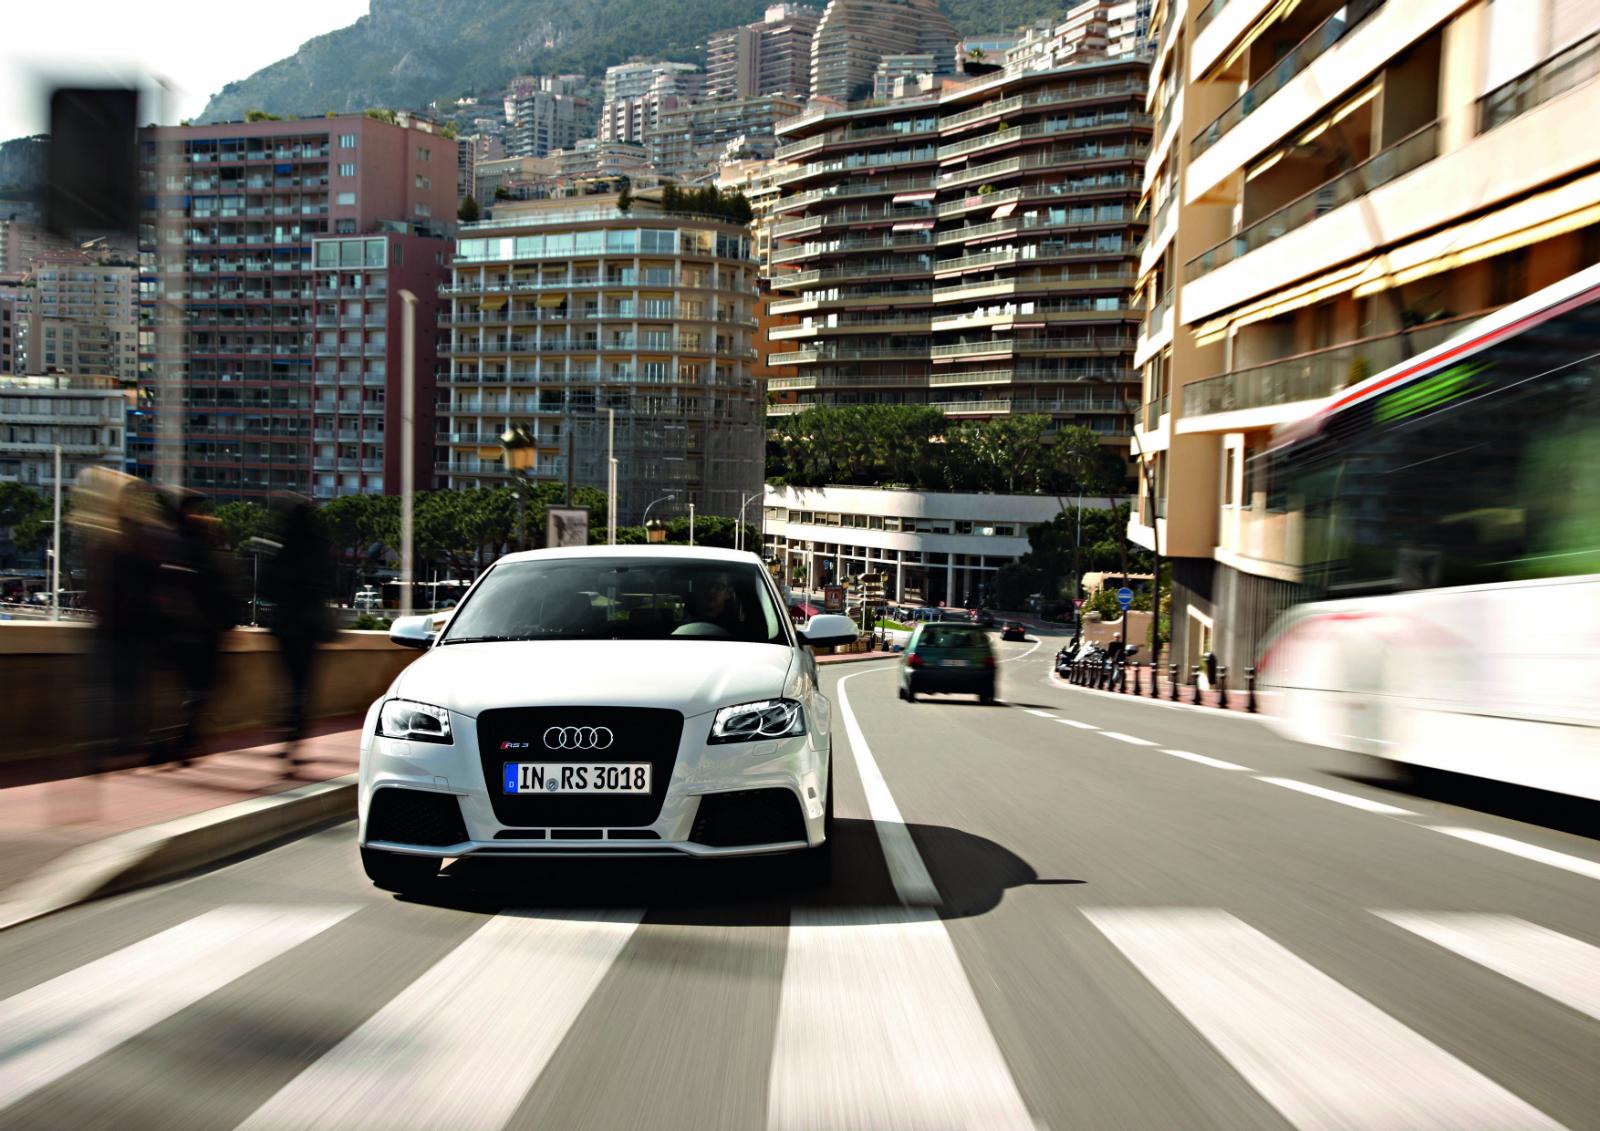 Audi RS3 Sportback in Monaco - Audi RS3 Sportback in Monaco